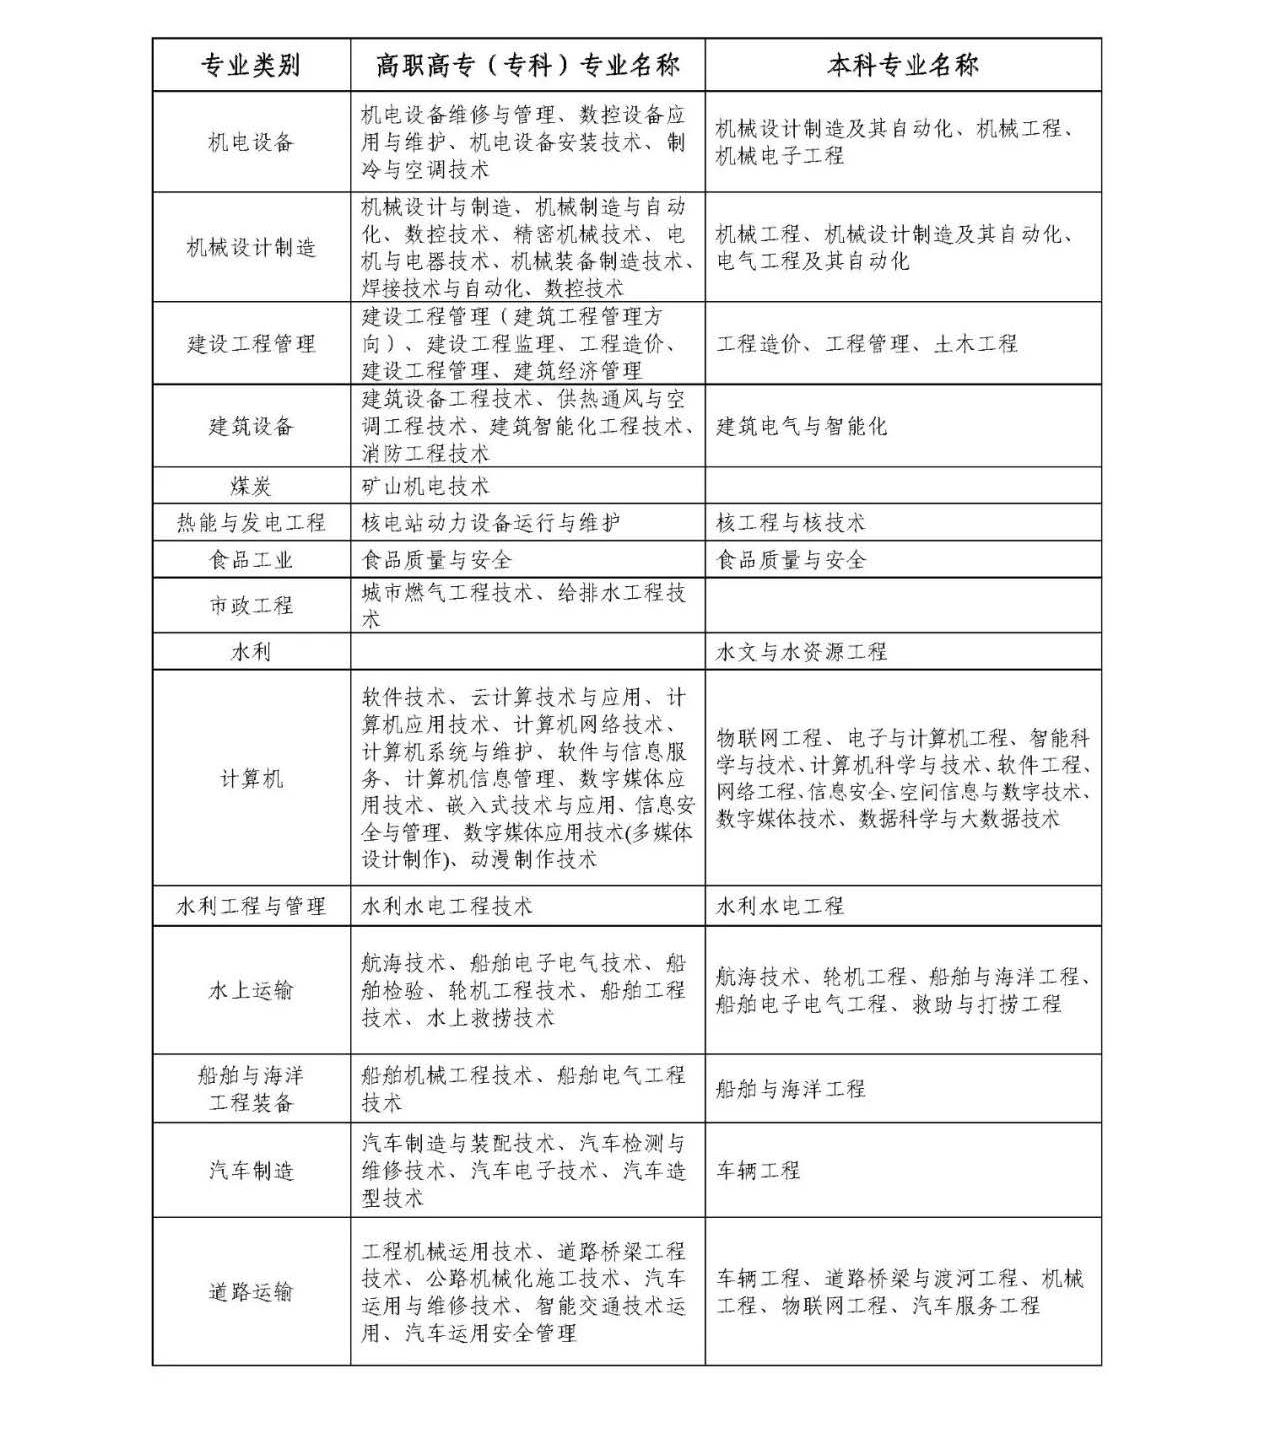 重磅!浙江省2020年从普通高等学校毕业生中直接招收士官_页面_3.jpg